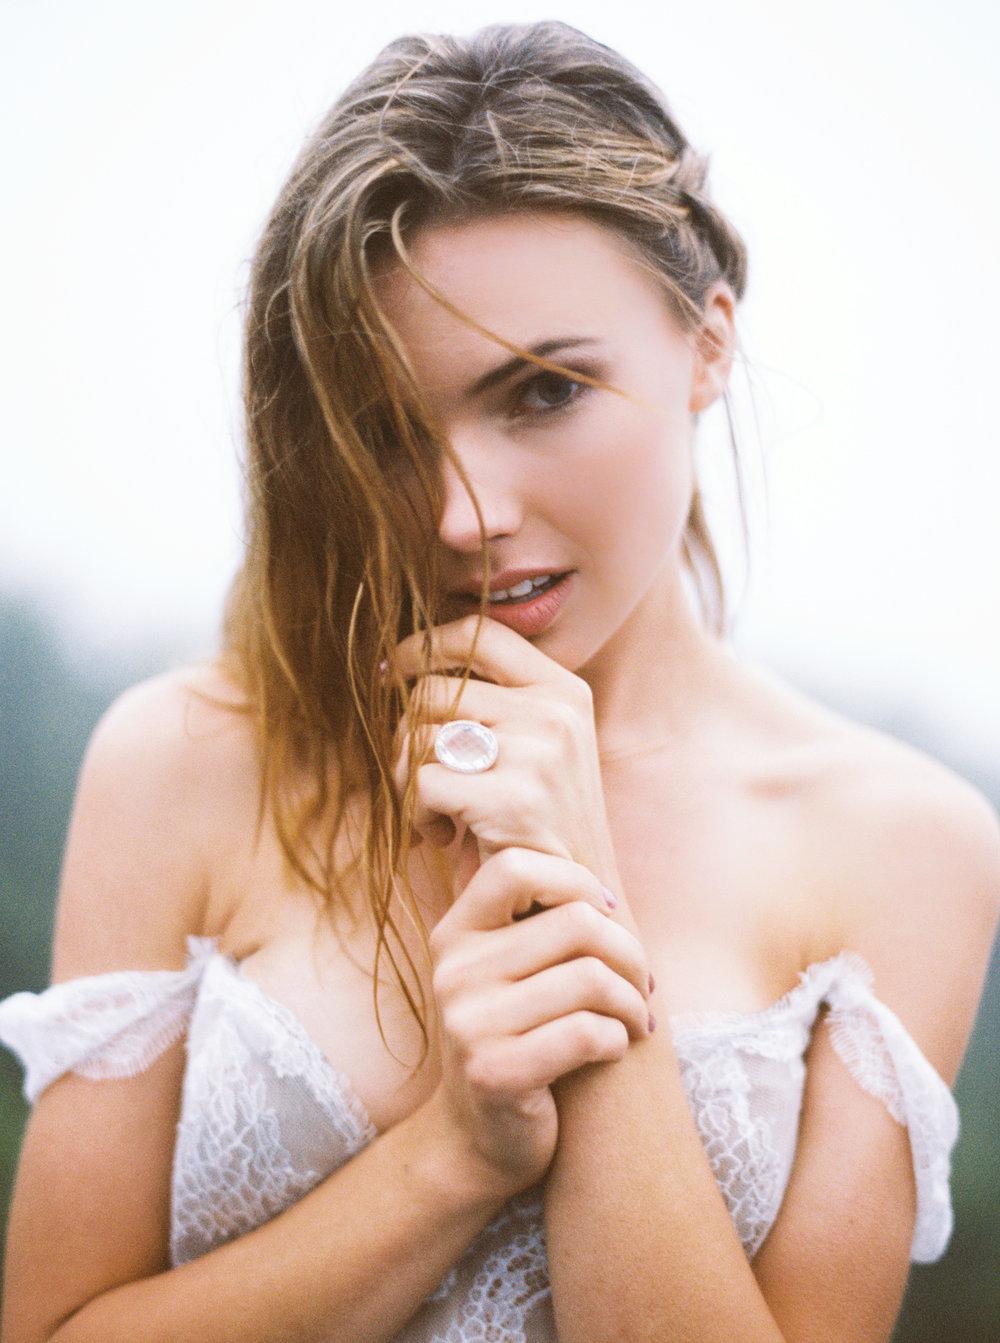 jenna mcelroy photography-4.jpg